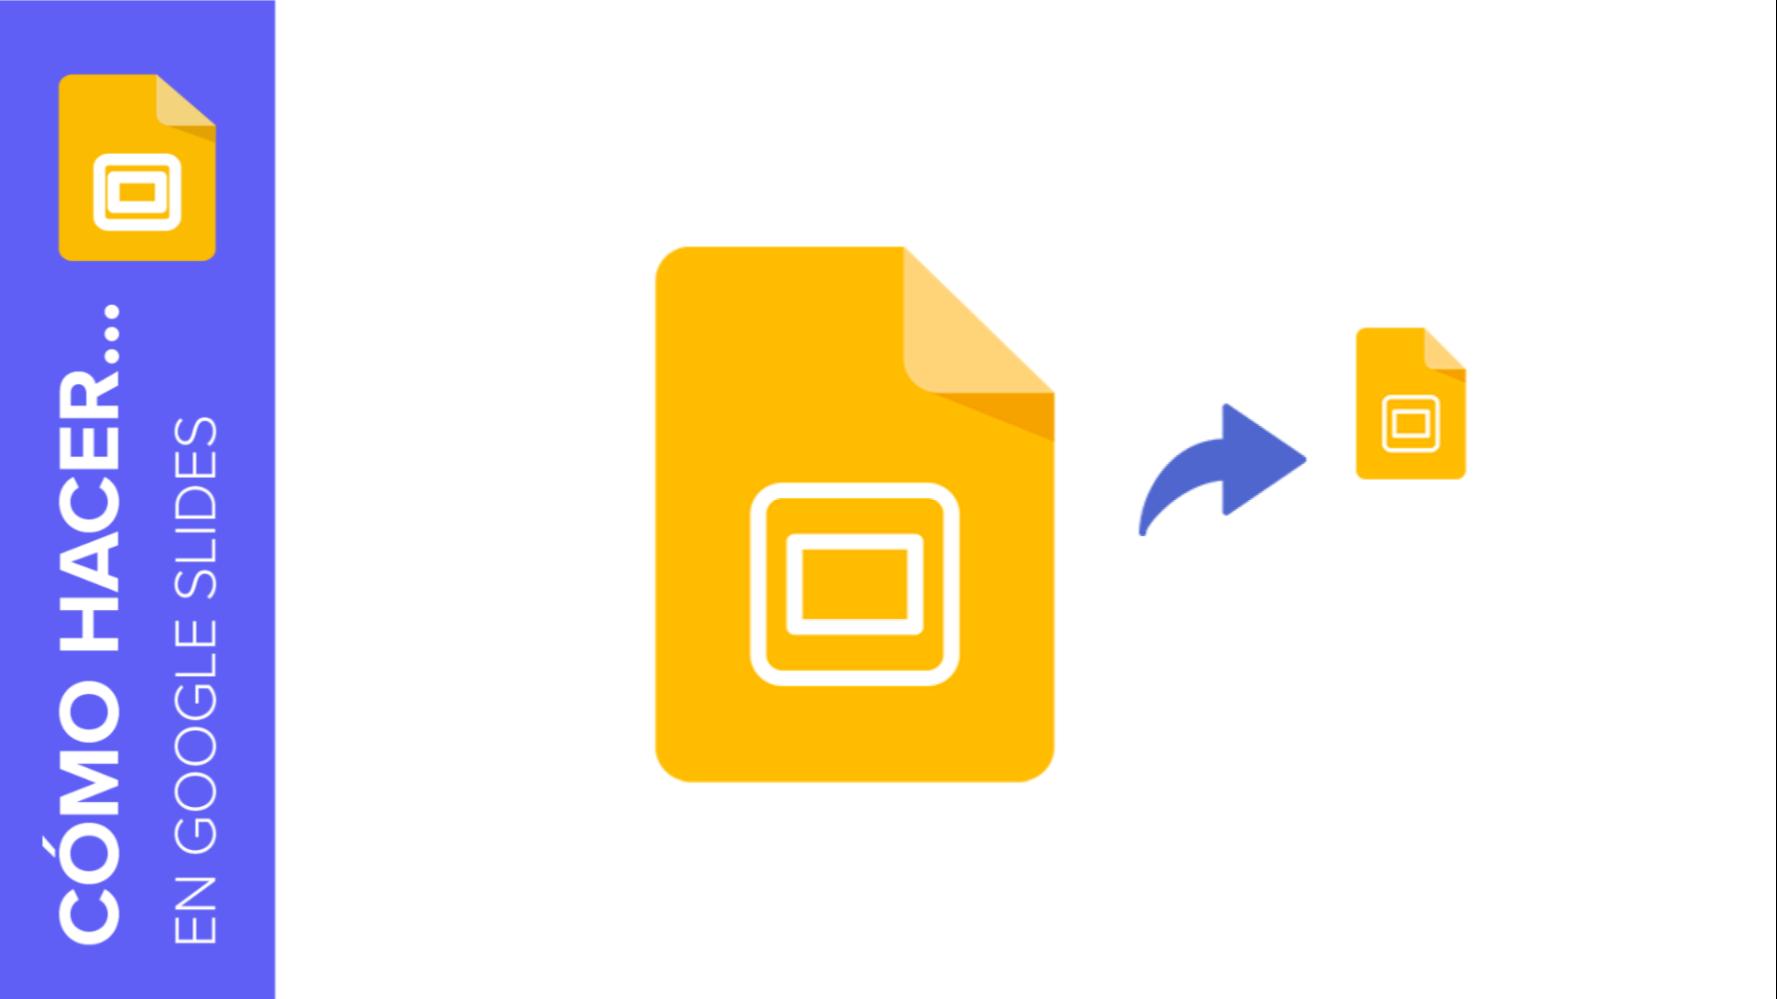 Cómo disminuir el tamaño de las presentaciones de Google Slides | Tutoriales y Tips para tus presentaciones